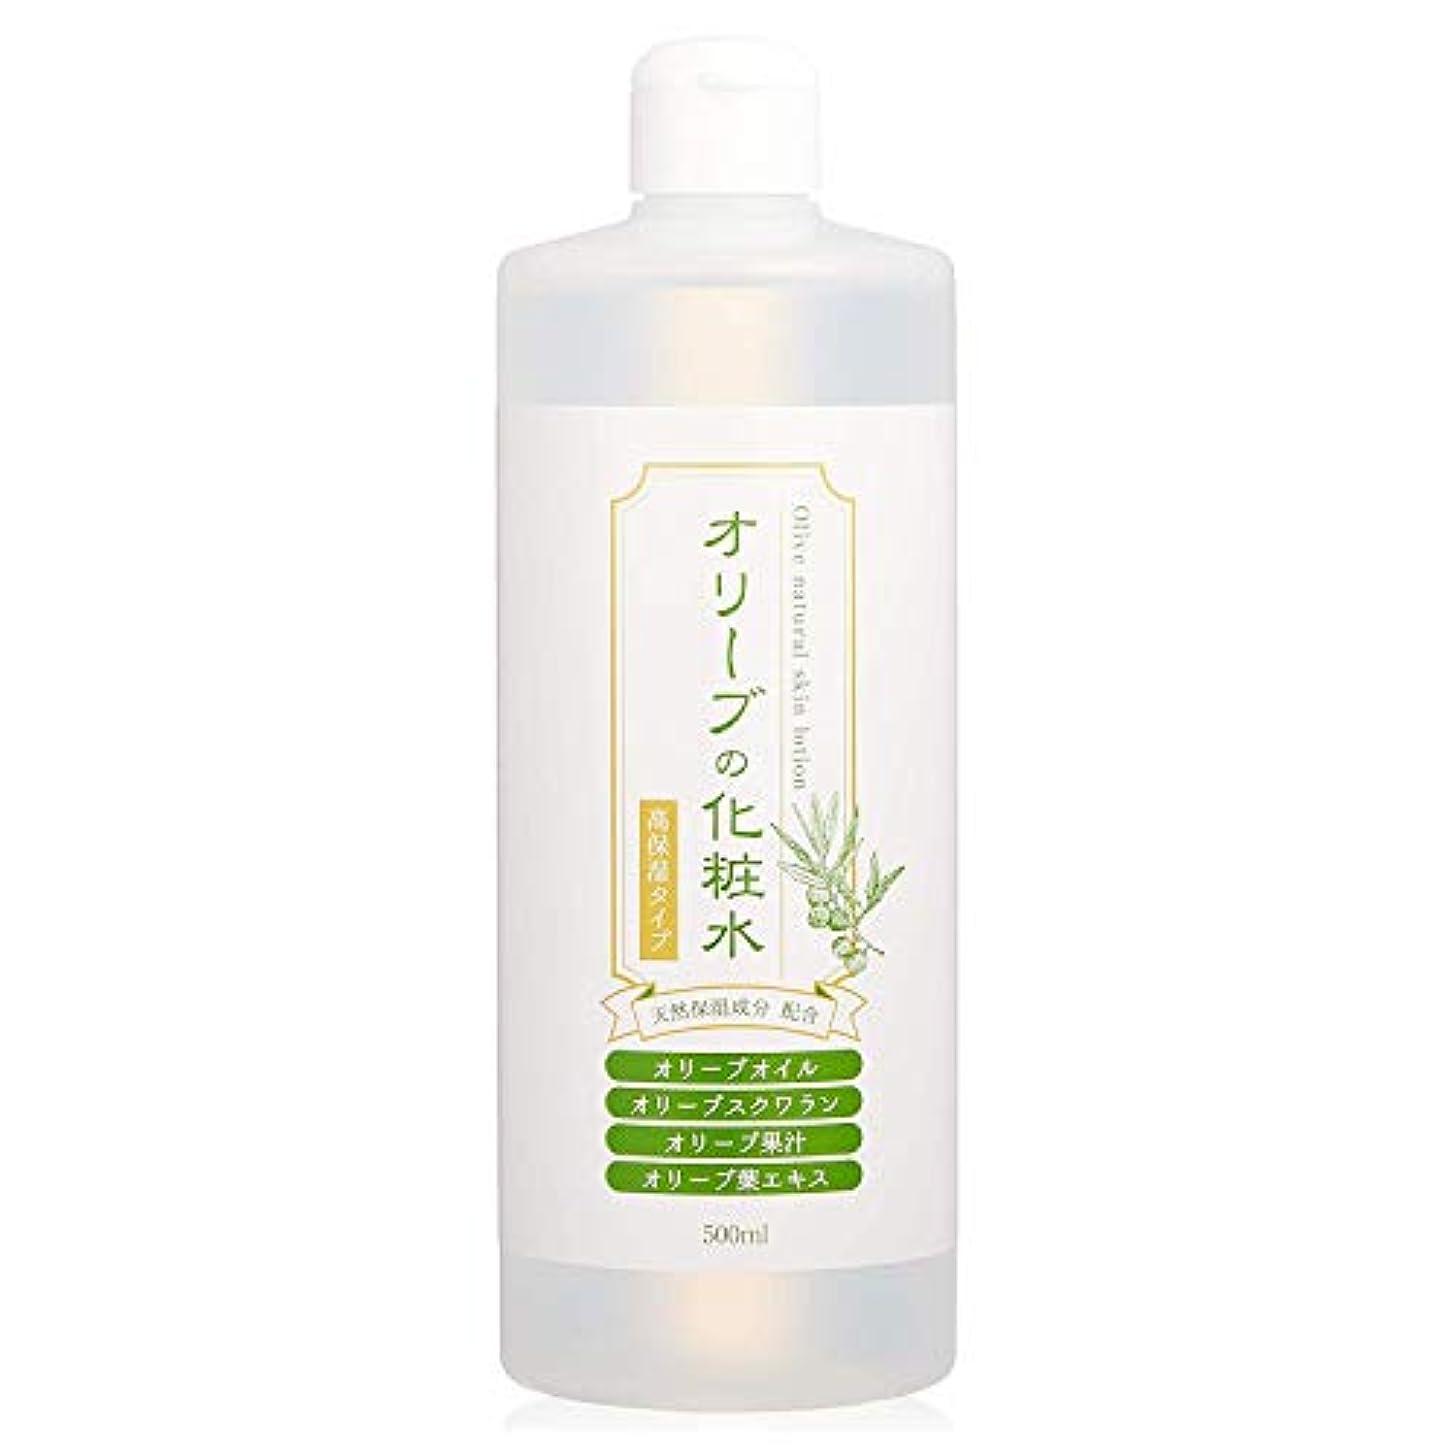 ただ消費するジョガー日本オリーブ オリーブクリアローション 〈オリーブの化粧水〉 (500mL)